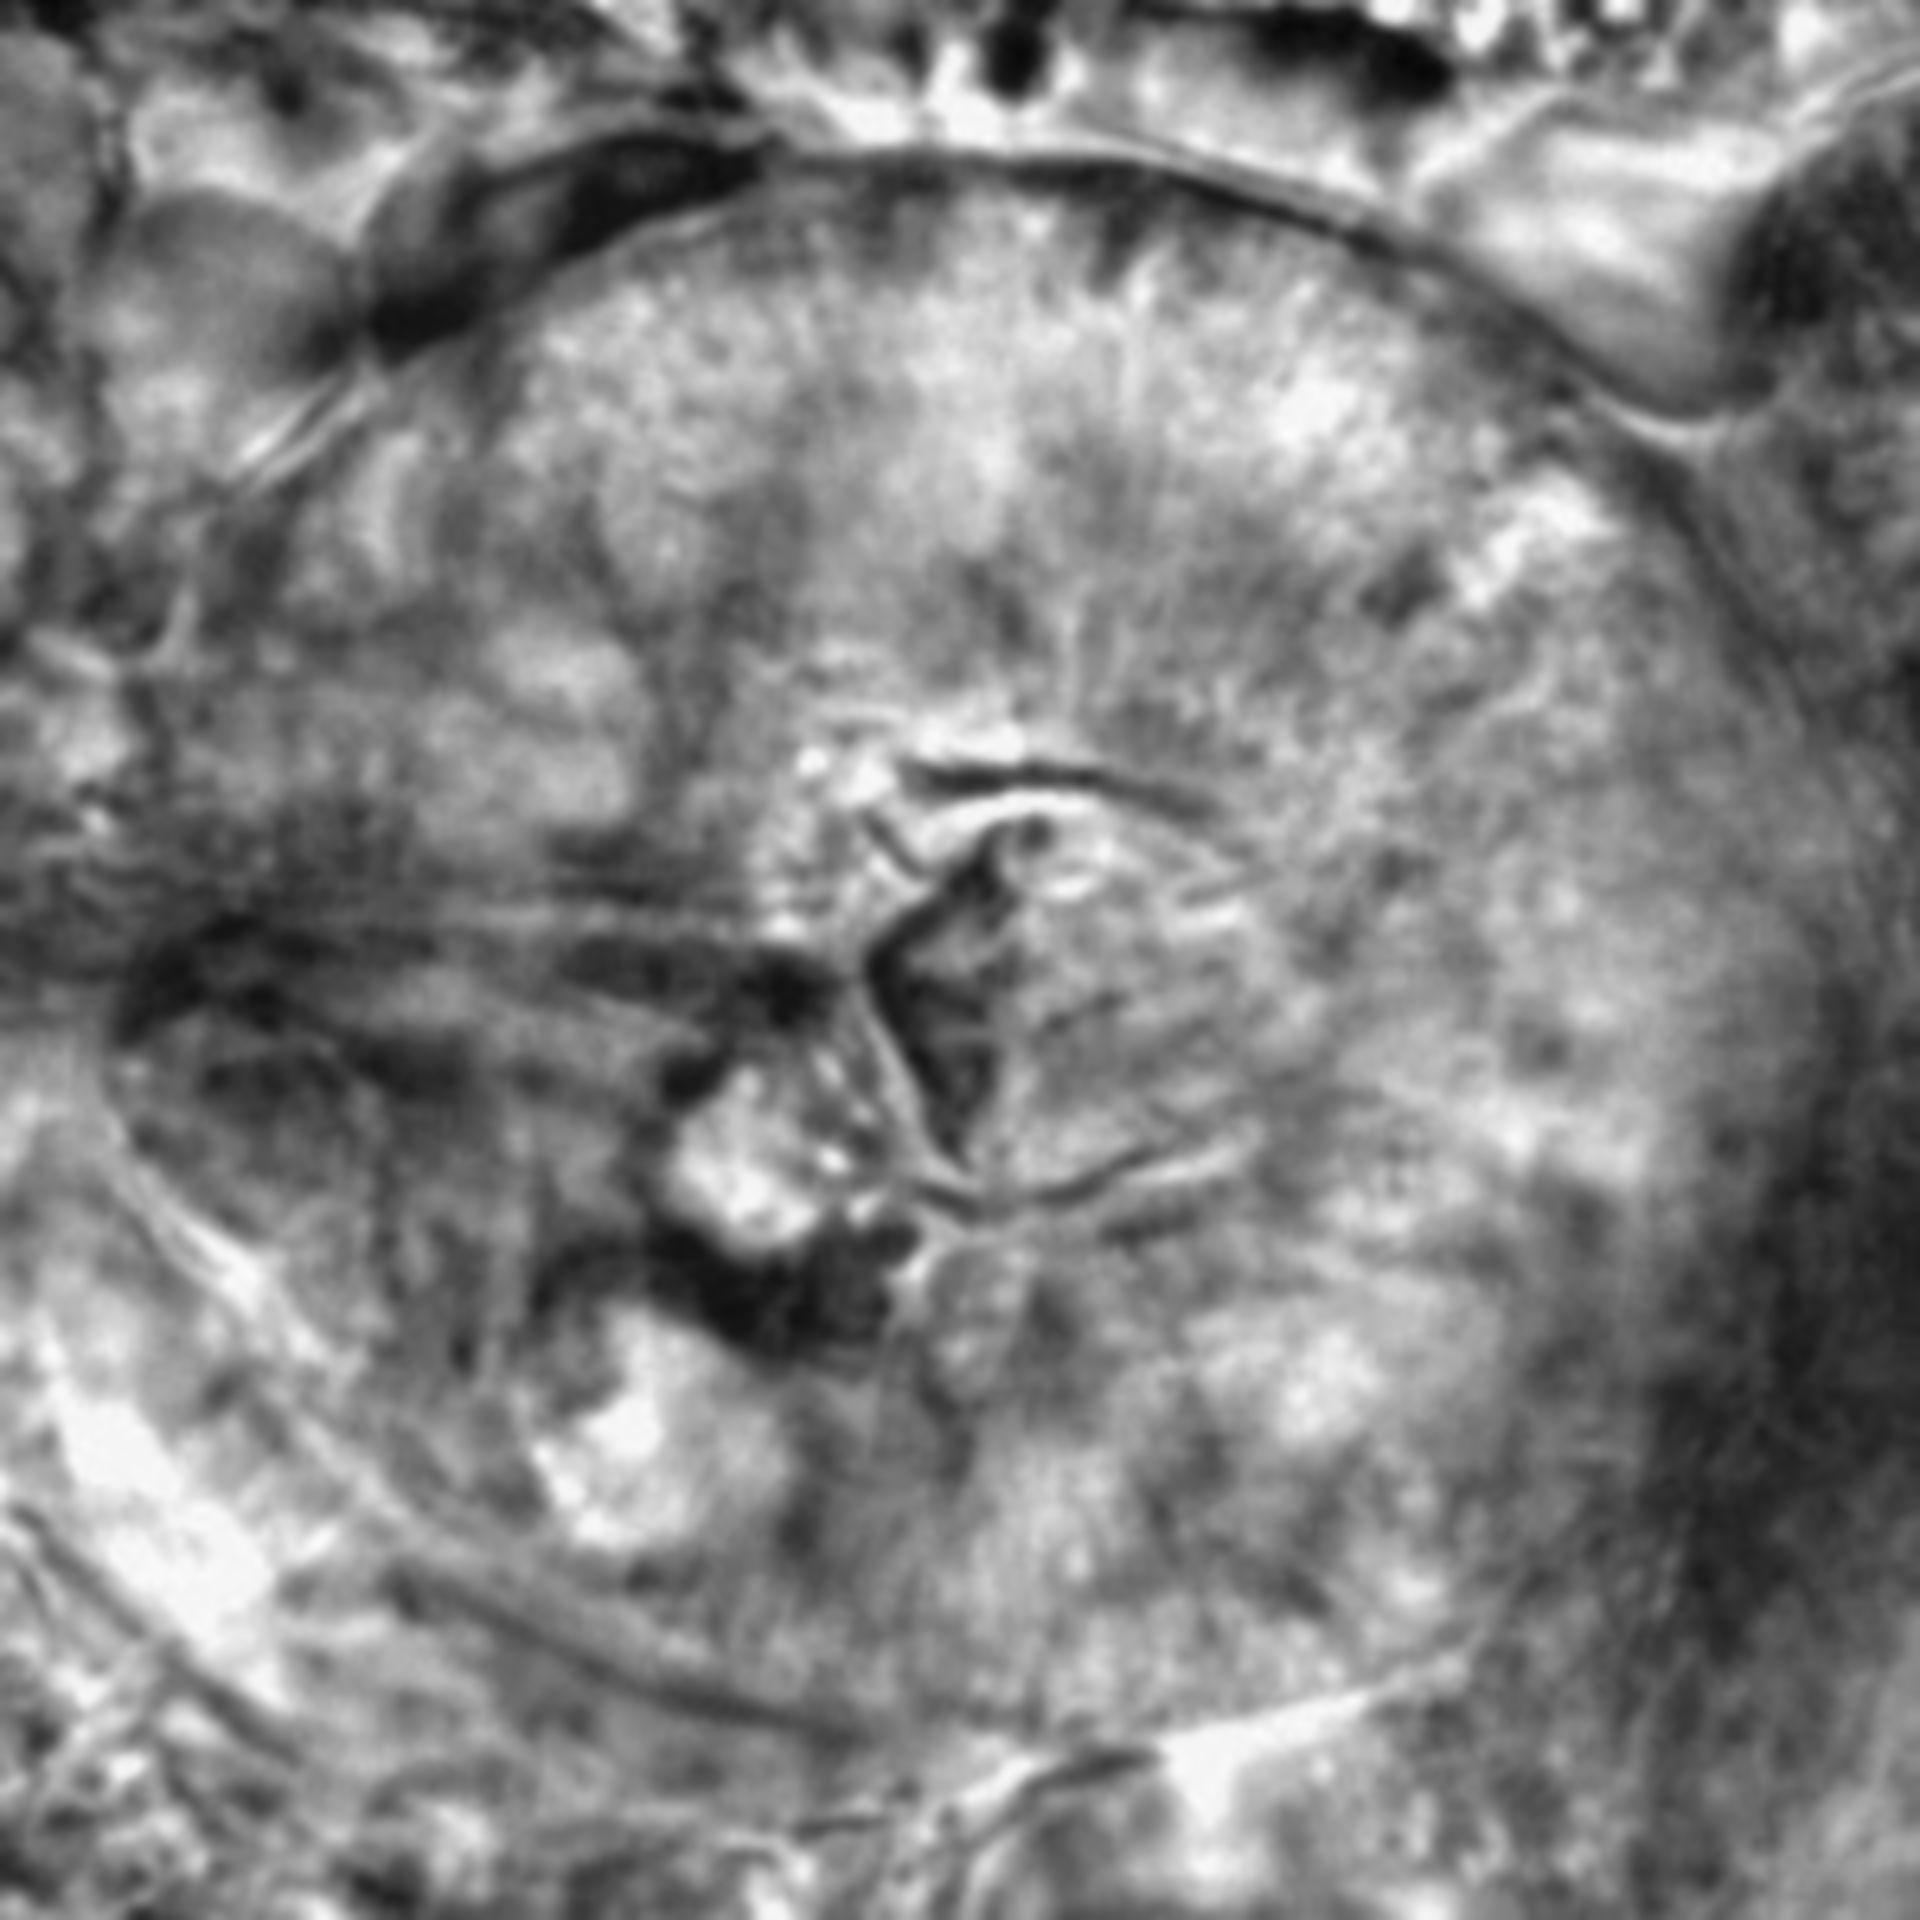 Caenorhabditis elegans - CIL:2623